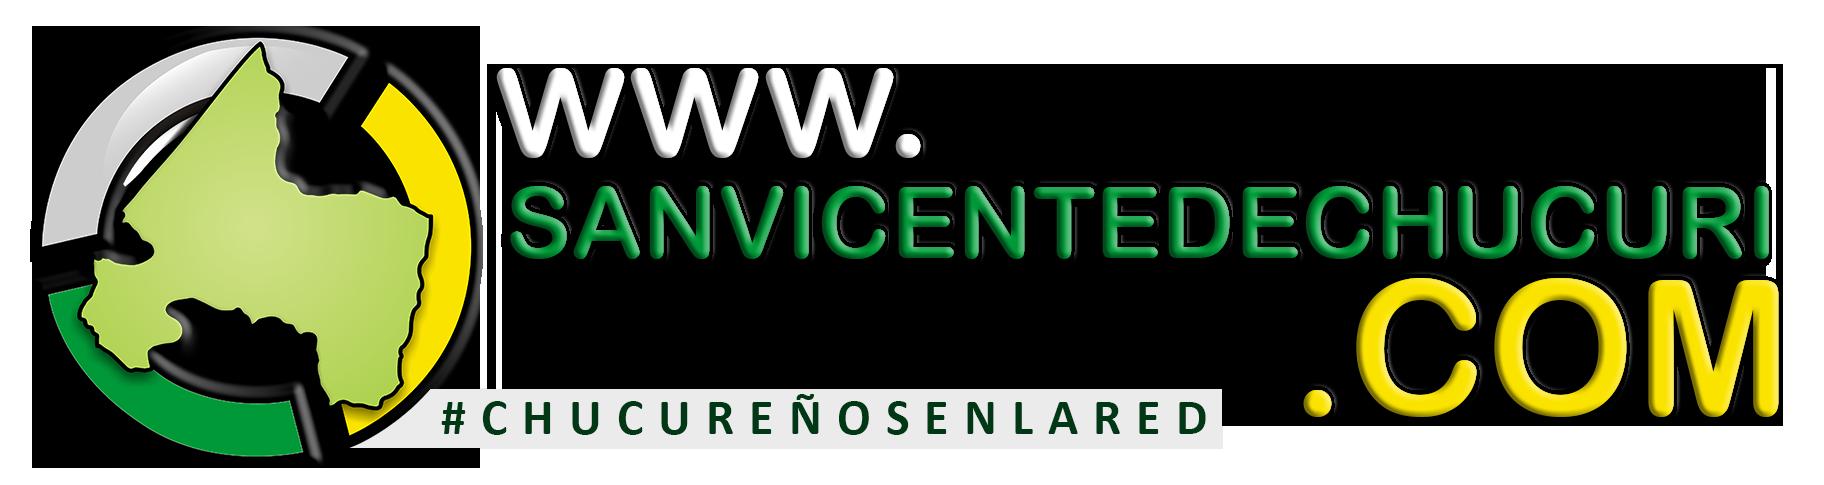 San Vicente de Chucuri